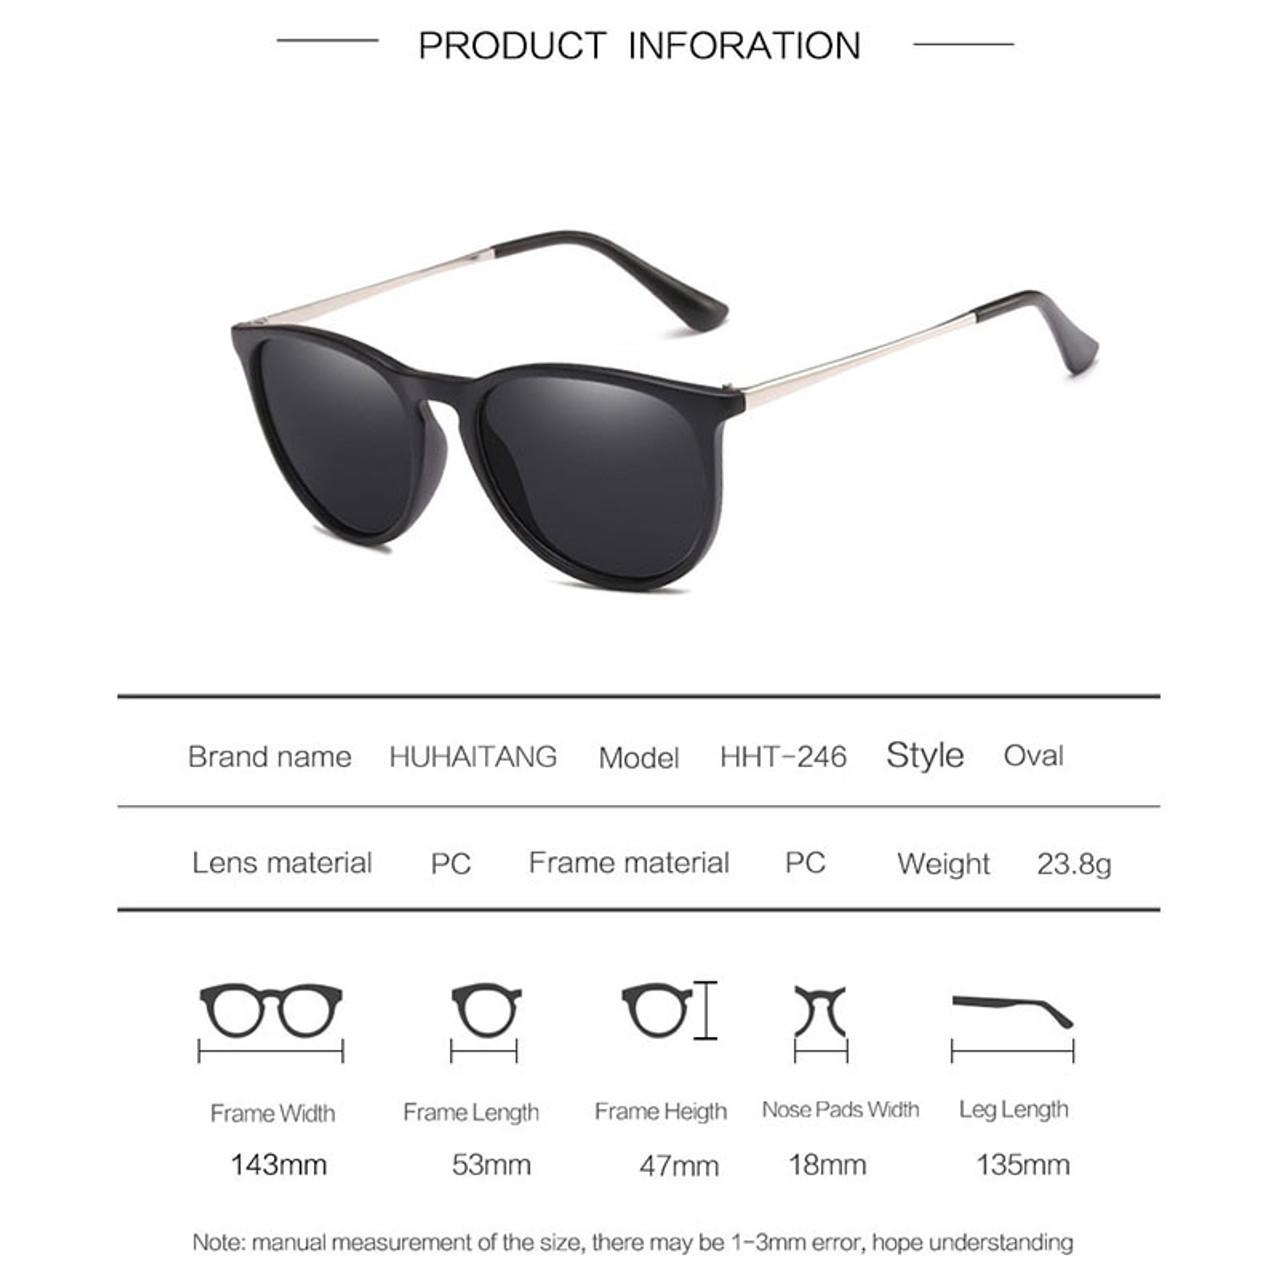 e0c537702f4b ... HUHAITANG luxury brand oval sunglasses men vintage cat eye sun glasses  for women 2019 high quality ...